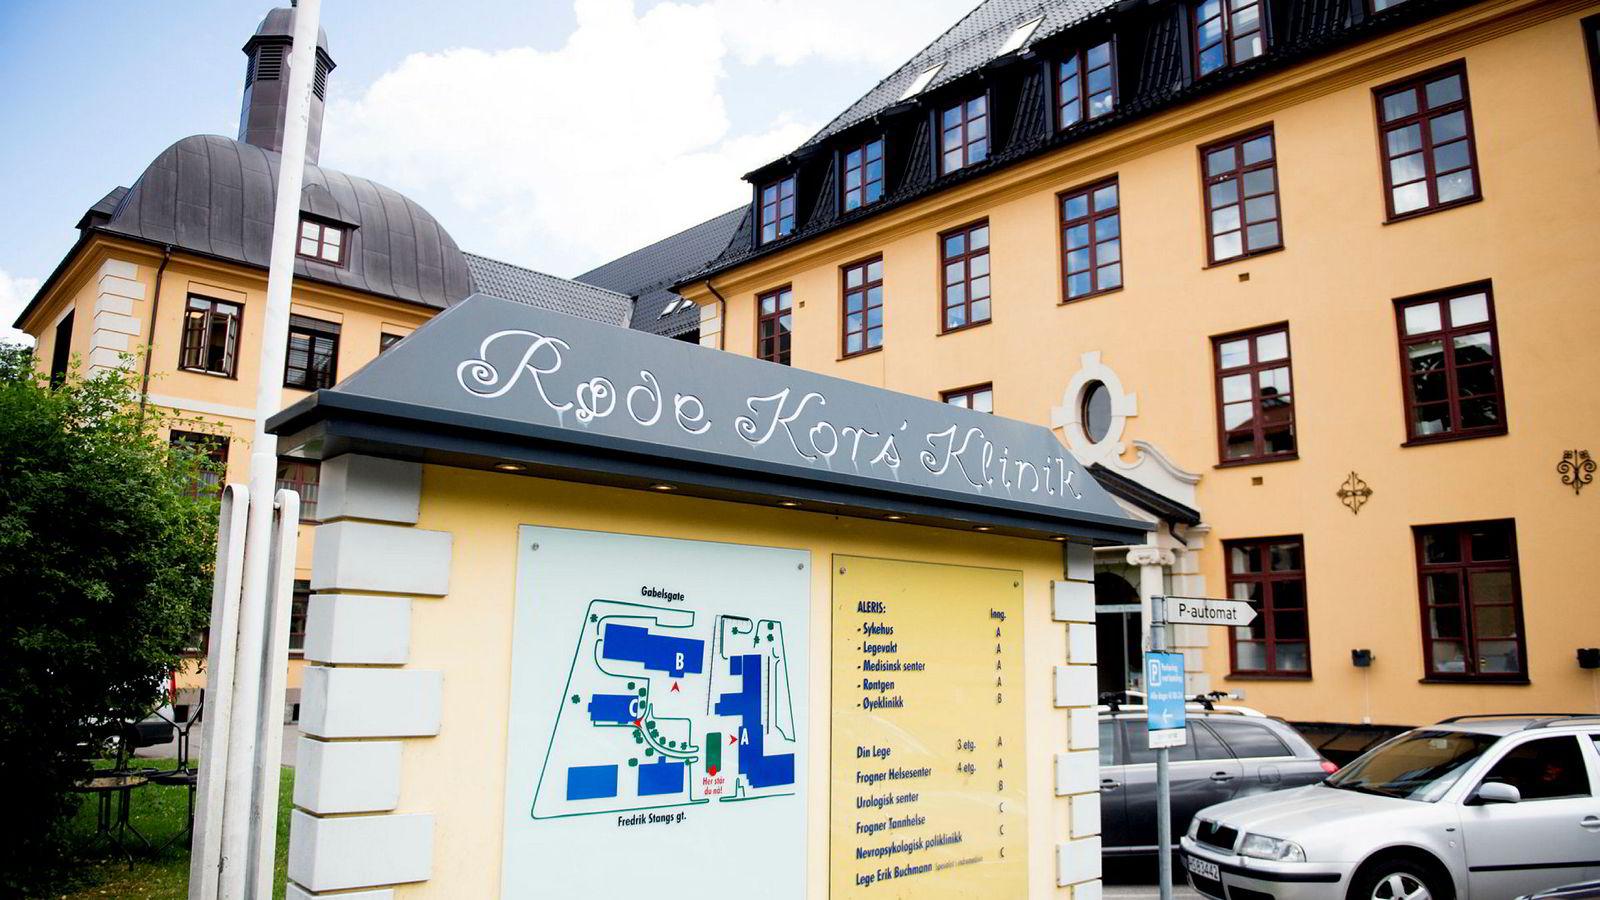 Aleris selger sine omsorgstjenester for å rendyrke helsesatsningen, ifølge selskapet. Bildet viser Aleris sykehus i Oslo.